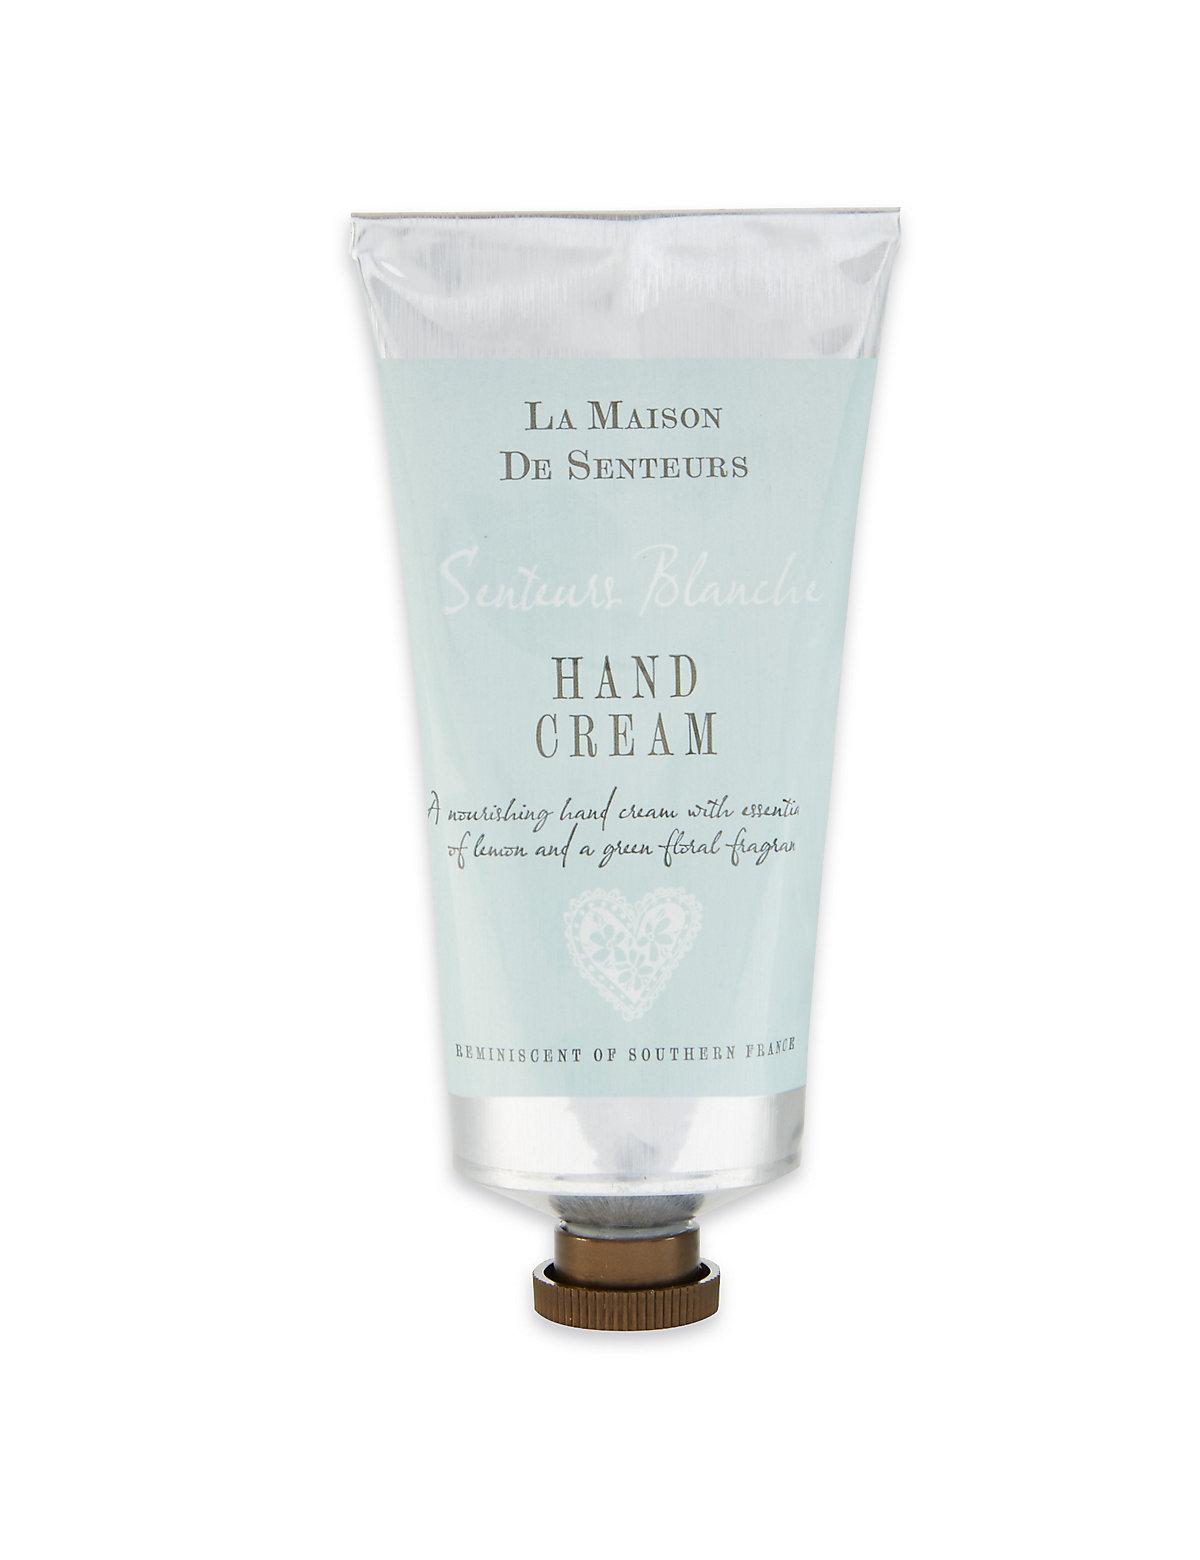 La Maison de Senteurs Blanche Hand Cream 75ml